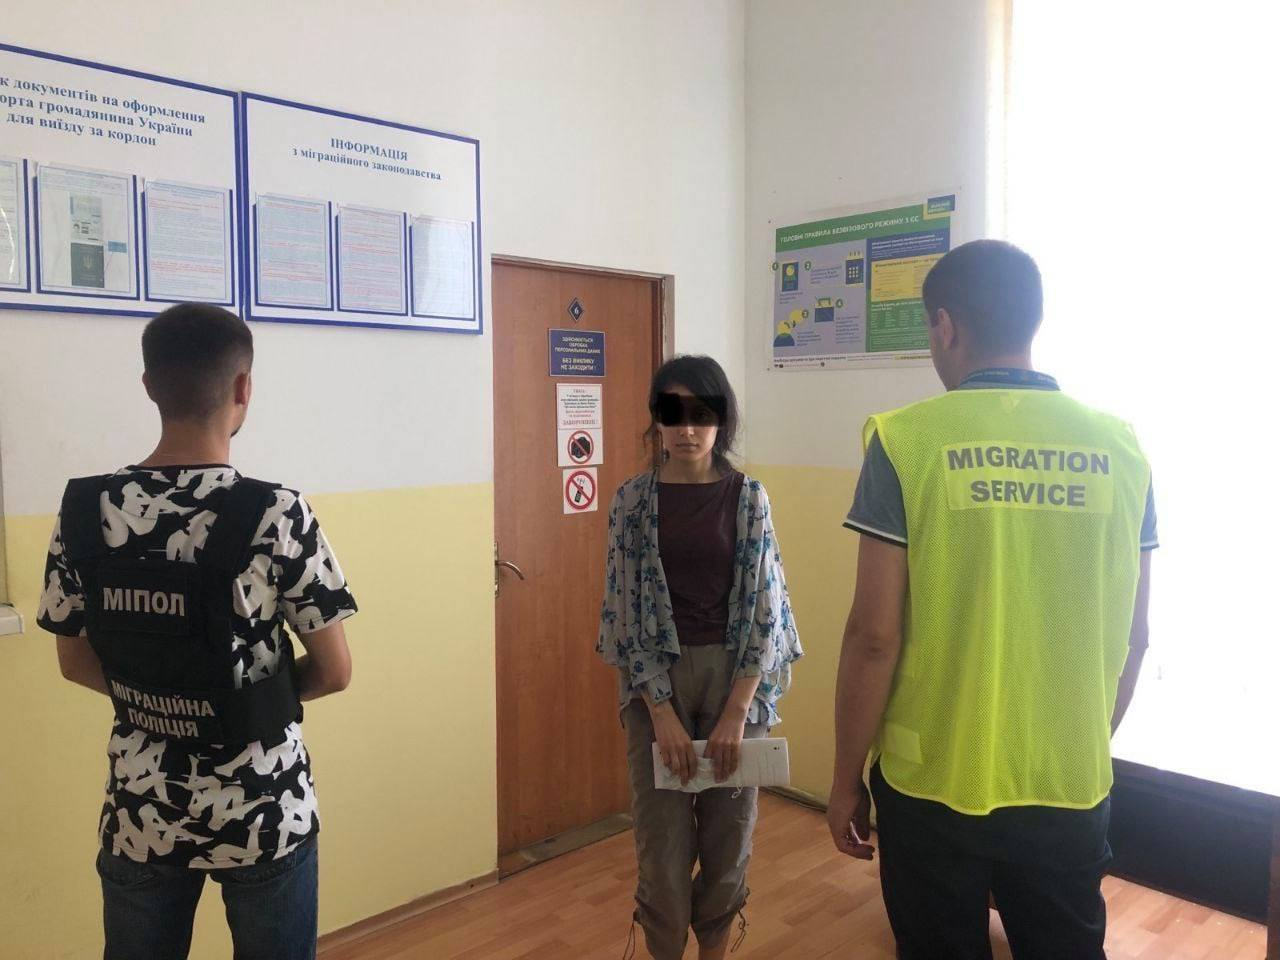 """В Мукачево провели """"зачистку"""" нелегалов: Некоторых оштрафовали, а некоторых и вовсе депортировали"""